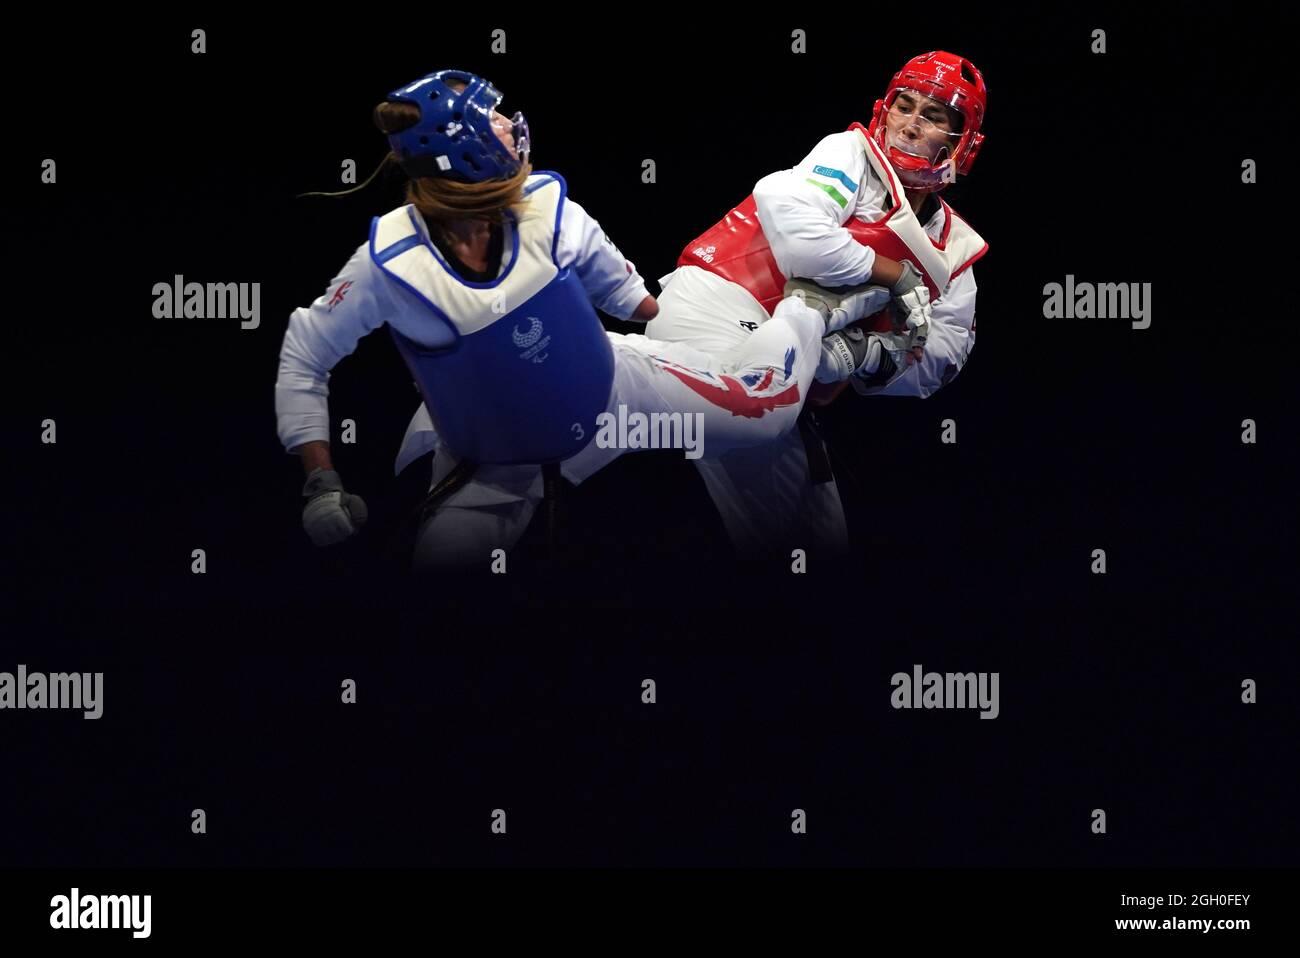 Amy Truesdale (links) aus Großbritannien und Guljonoy Naimova treten am 11. Tag der Paralympischen Spiele in Tokio 2020 in der Makuhari Messe Hall beim Frauen-Halbfinale K44 +58 kg an. Bilddatum: Samstag, 4. September 2021. Stockfoto